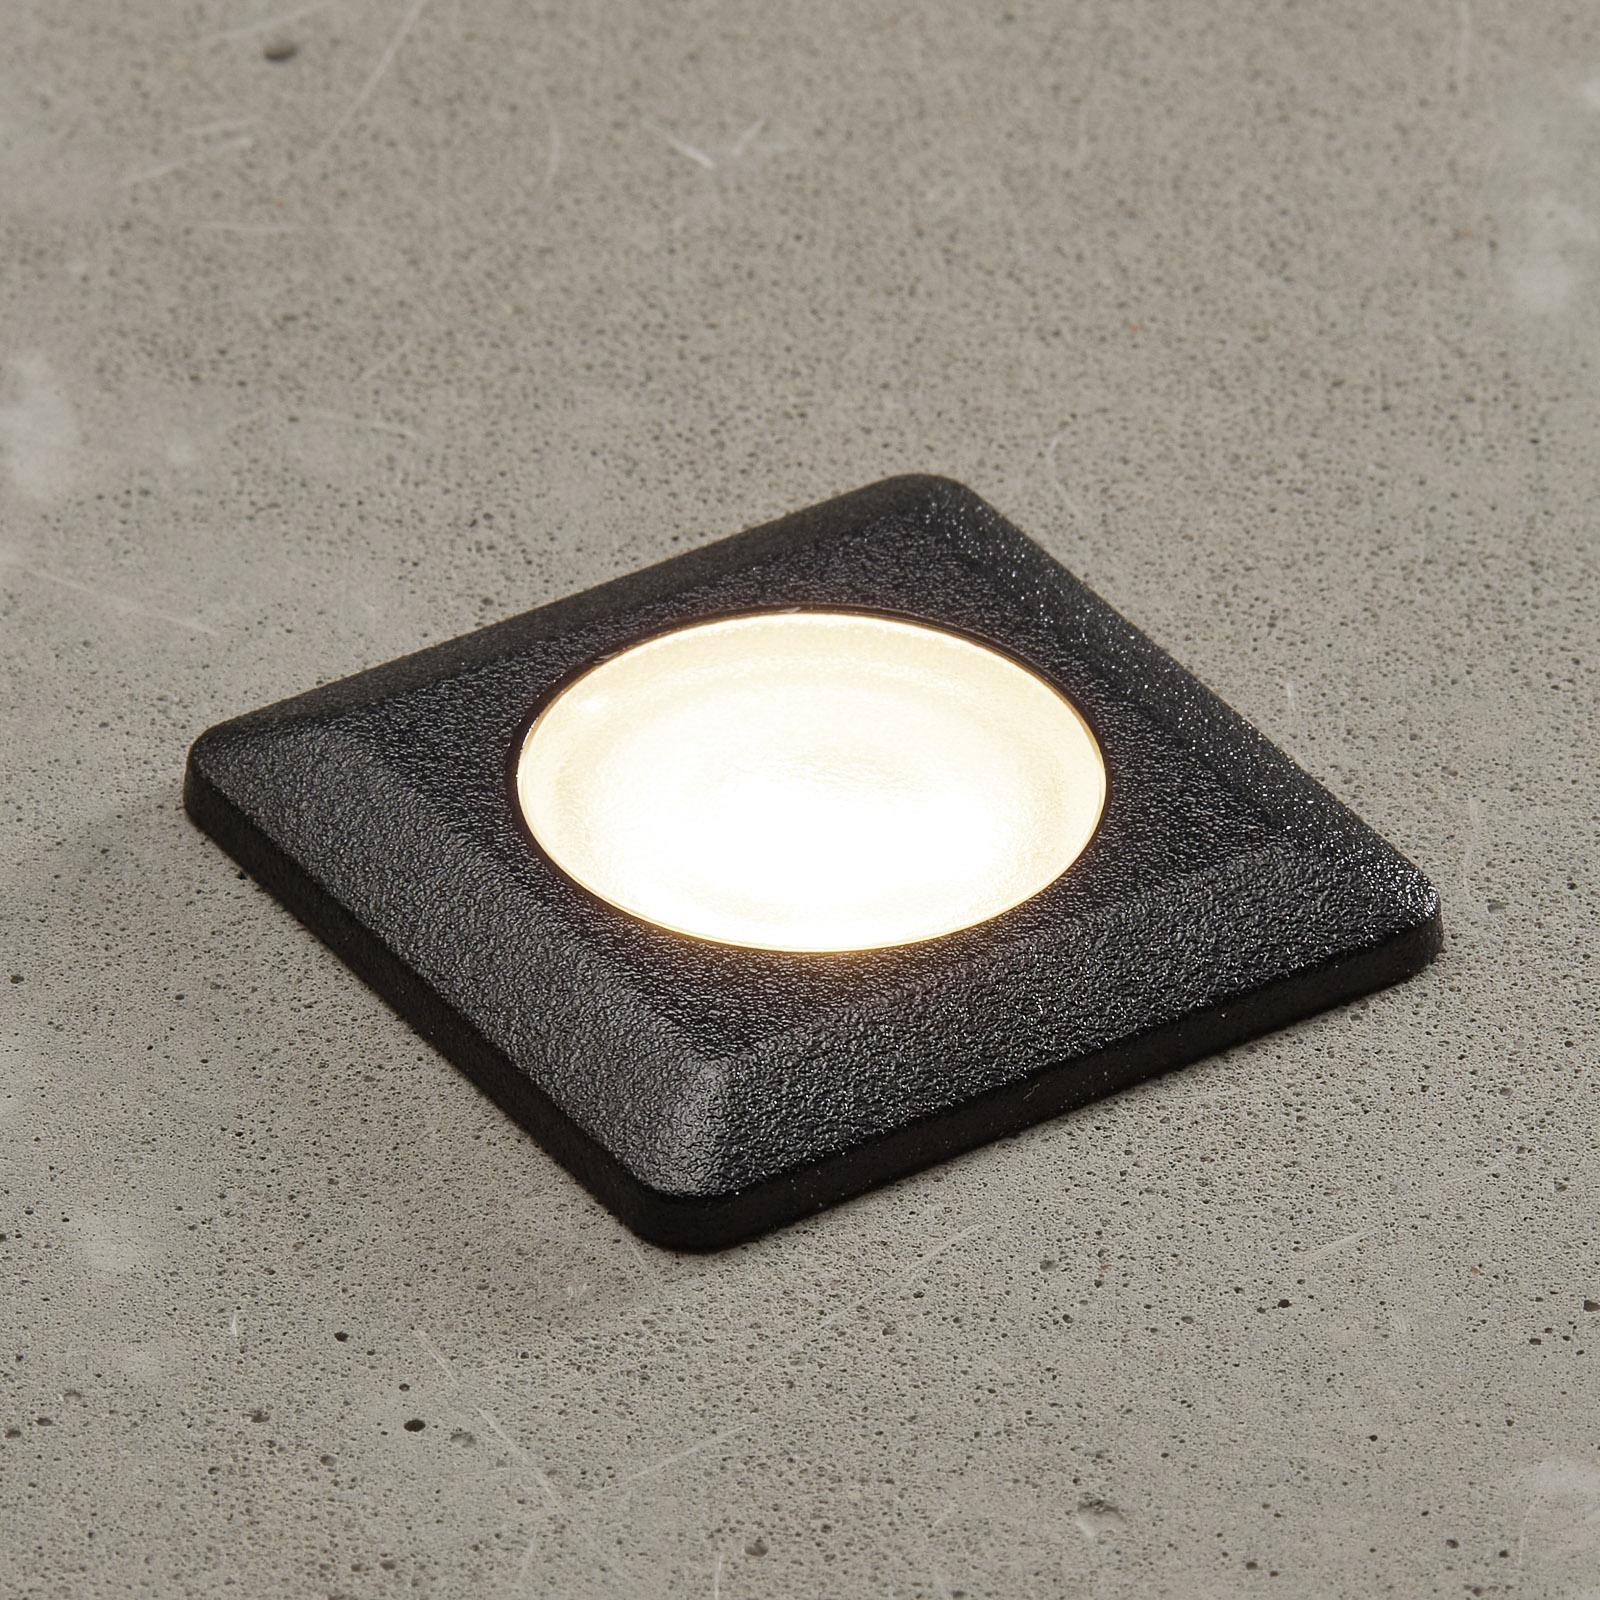 Lampe LED Aldo angulaire noire/transp 3000K